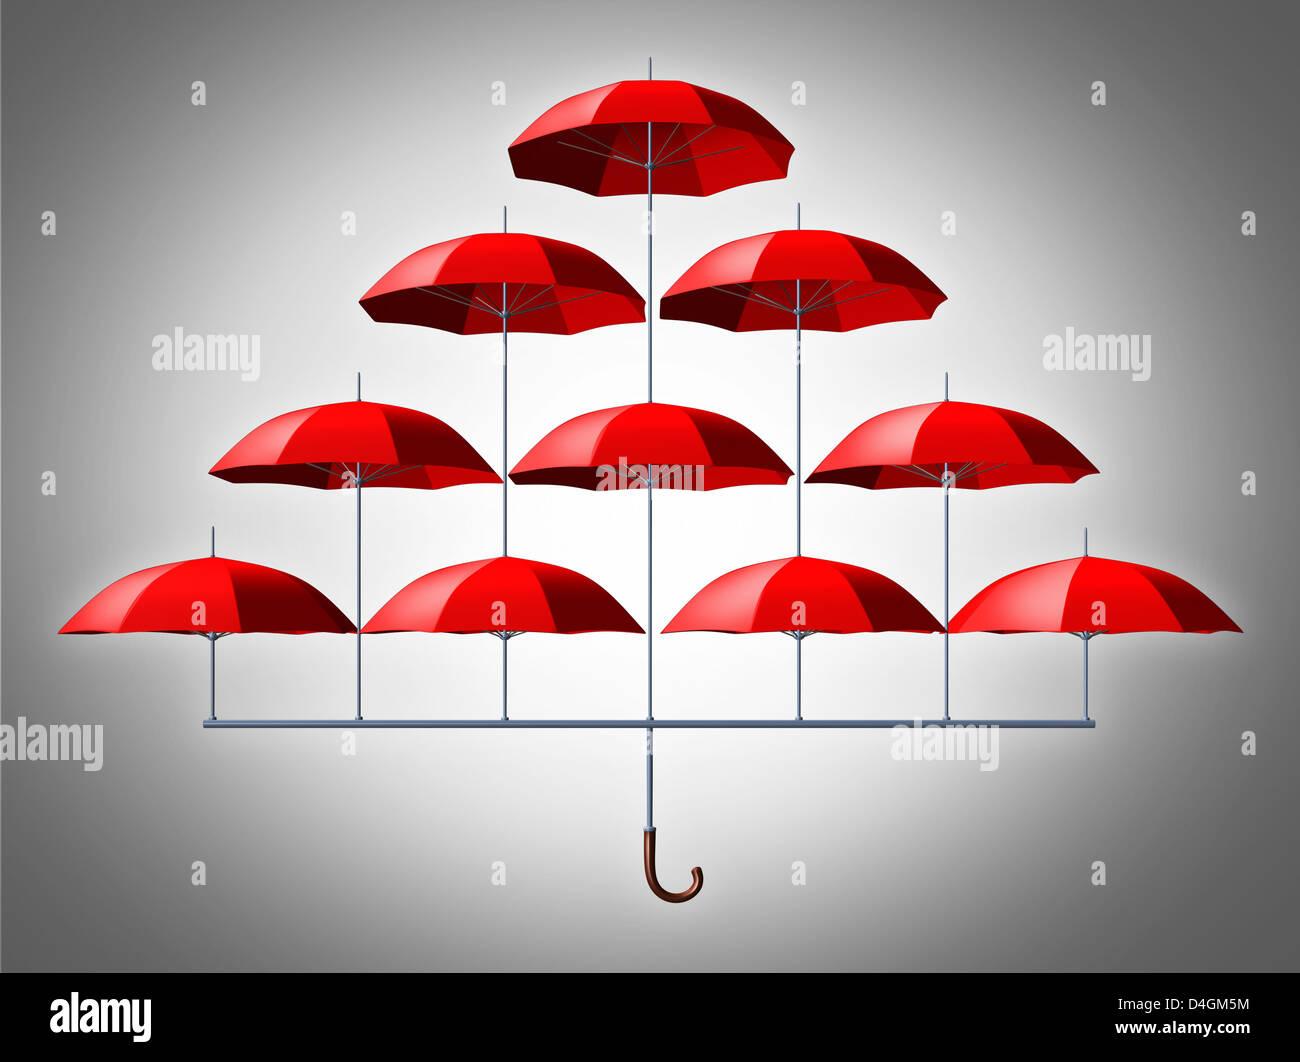 Schutz Sicherheit Gruppenkonzept mit einem Regenschirm aus mehrere kleinere rote Sonnenschirme miteinander verbunden Stockbild